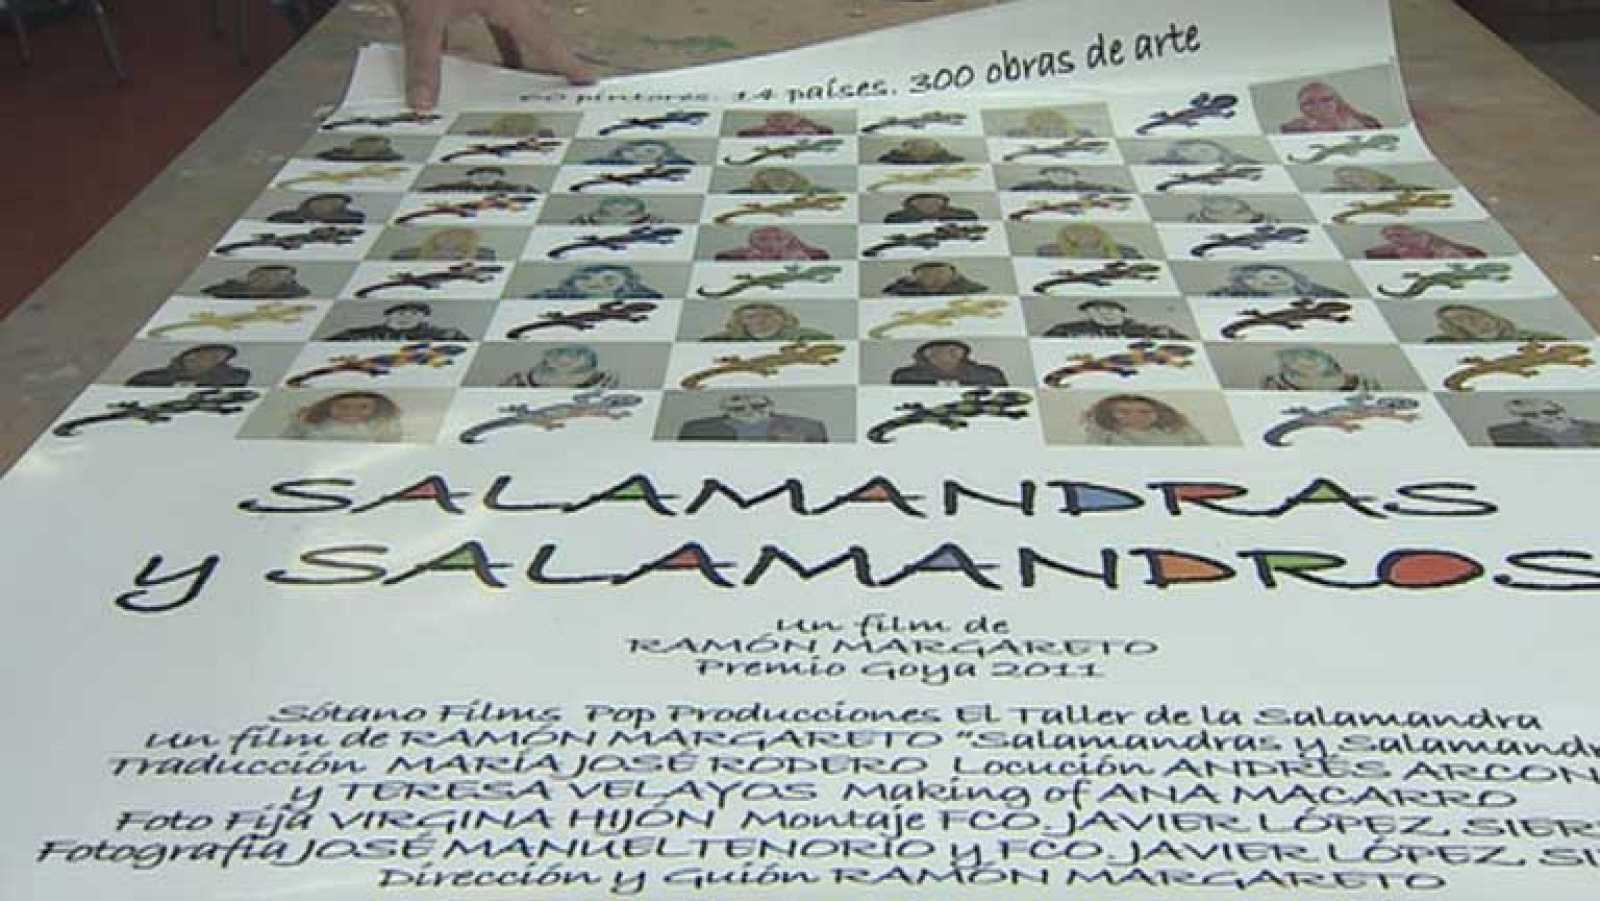 Salamandras y Salamandros un documental intimista que refleja la inquietud creativa del ser humano